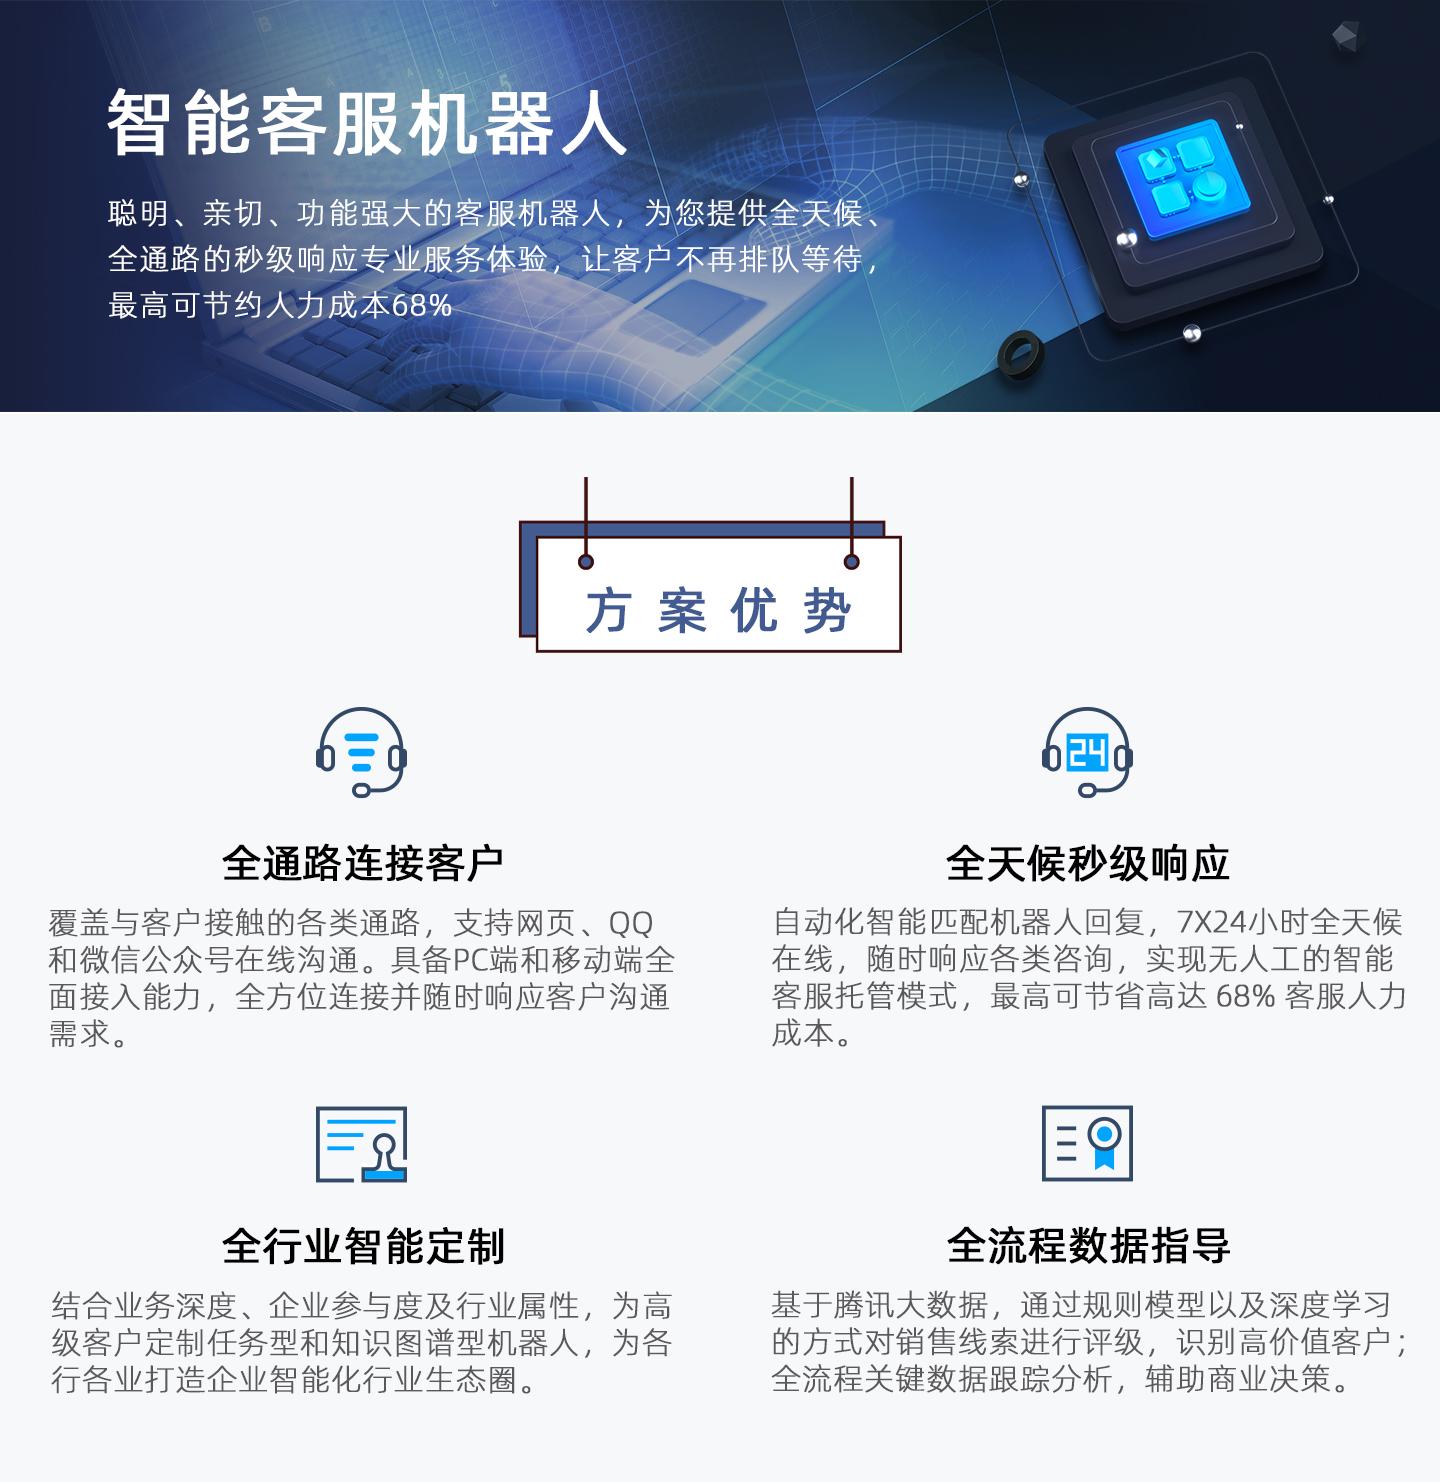 智能客服机器人-1440_01.jpg